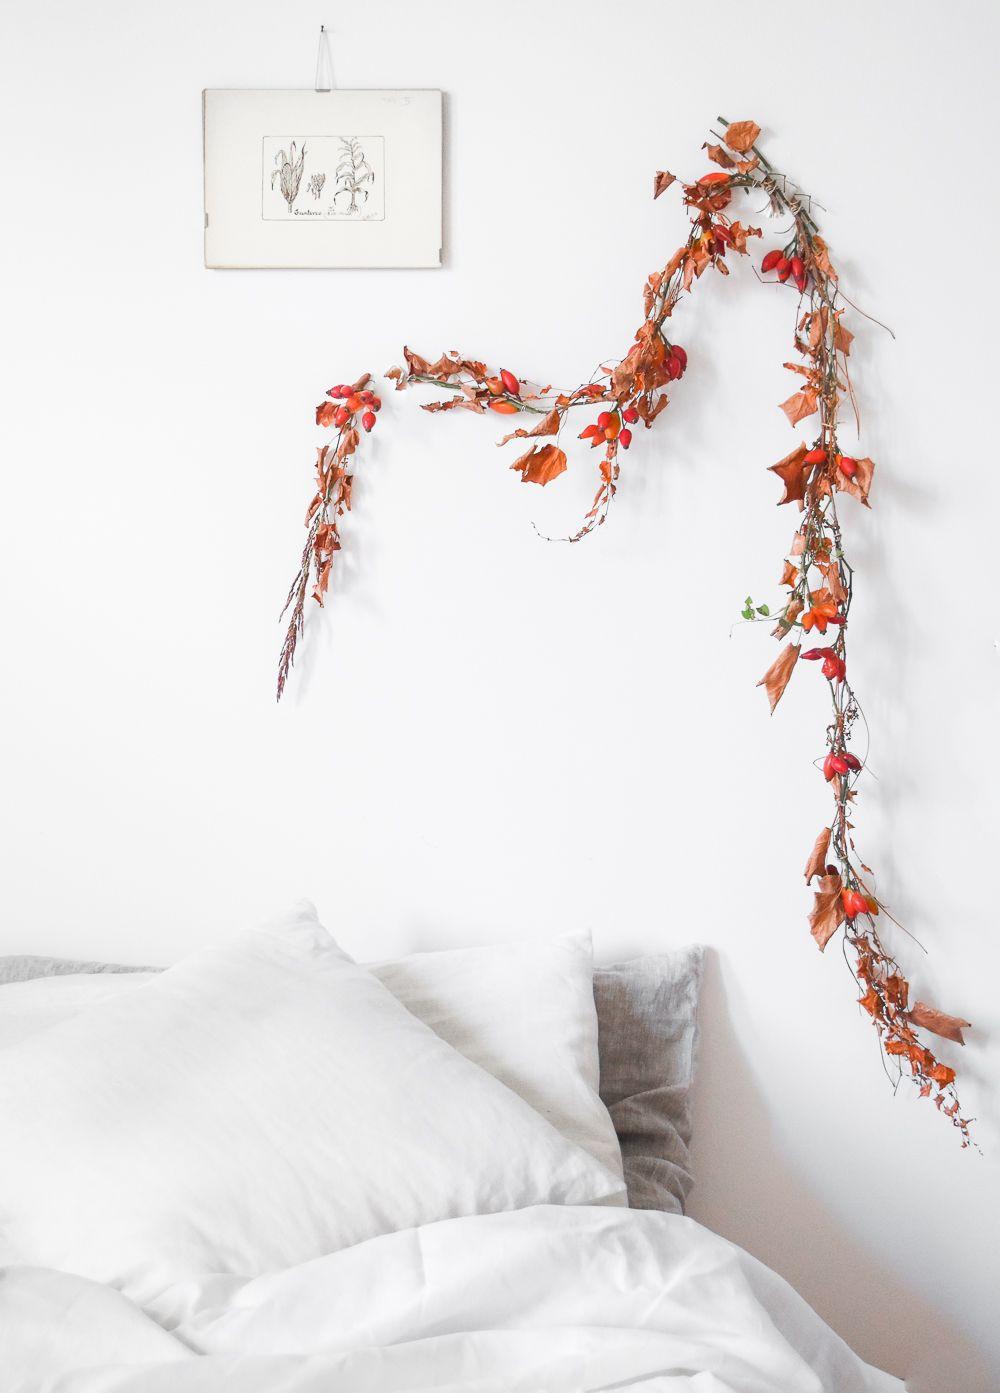 季节性花环为万圣节挂在墙上